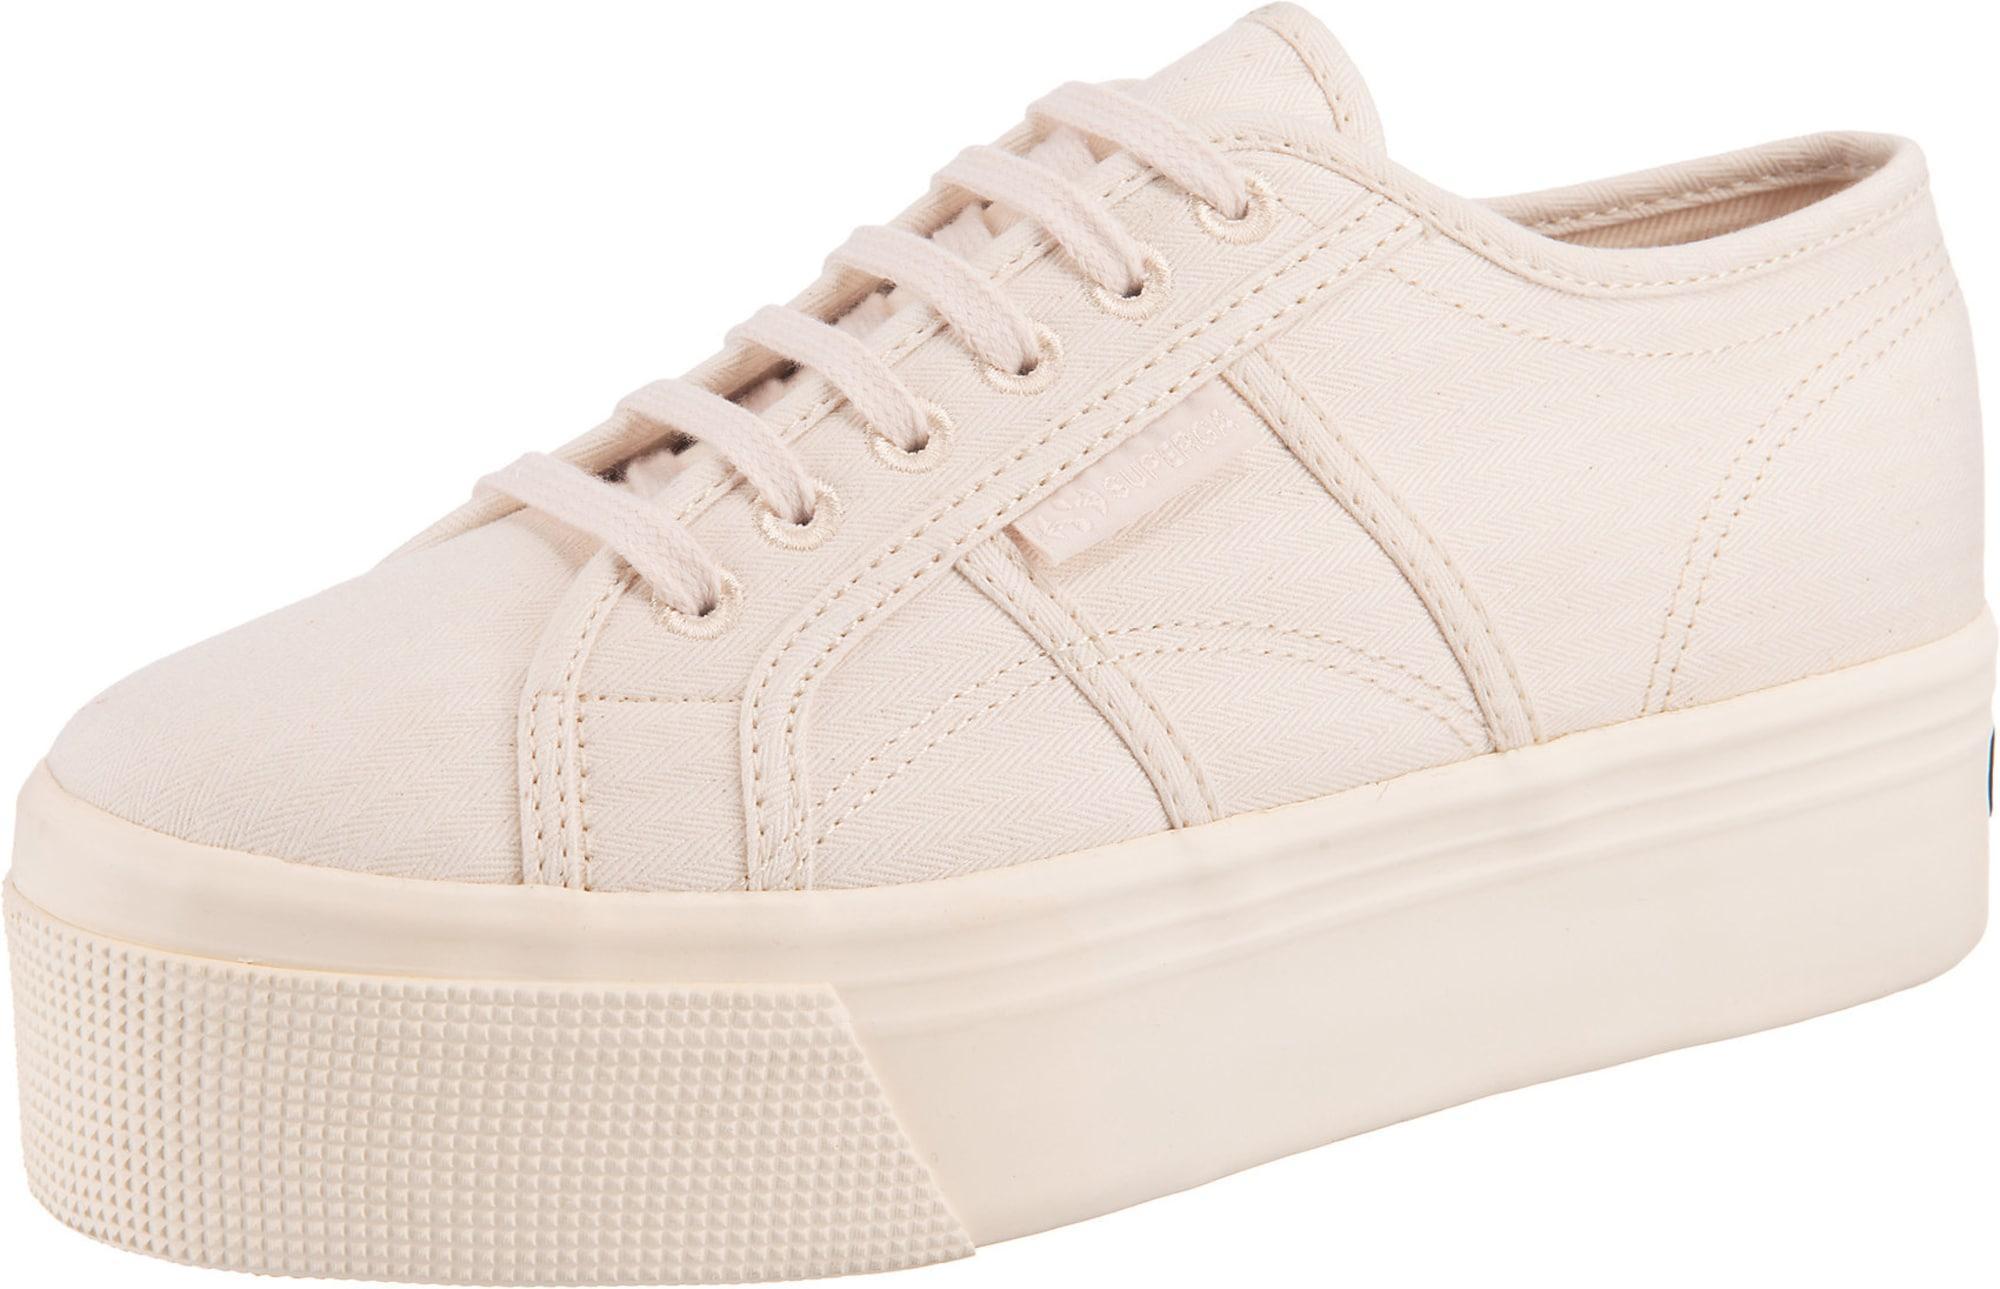 SUPERGA Sneaker creme